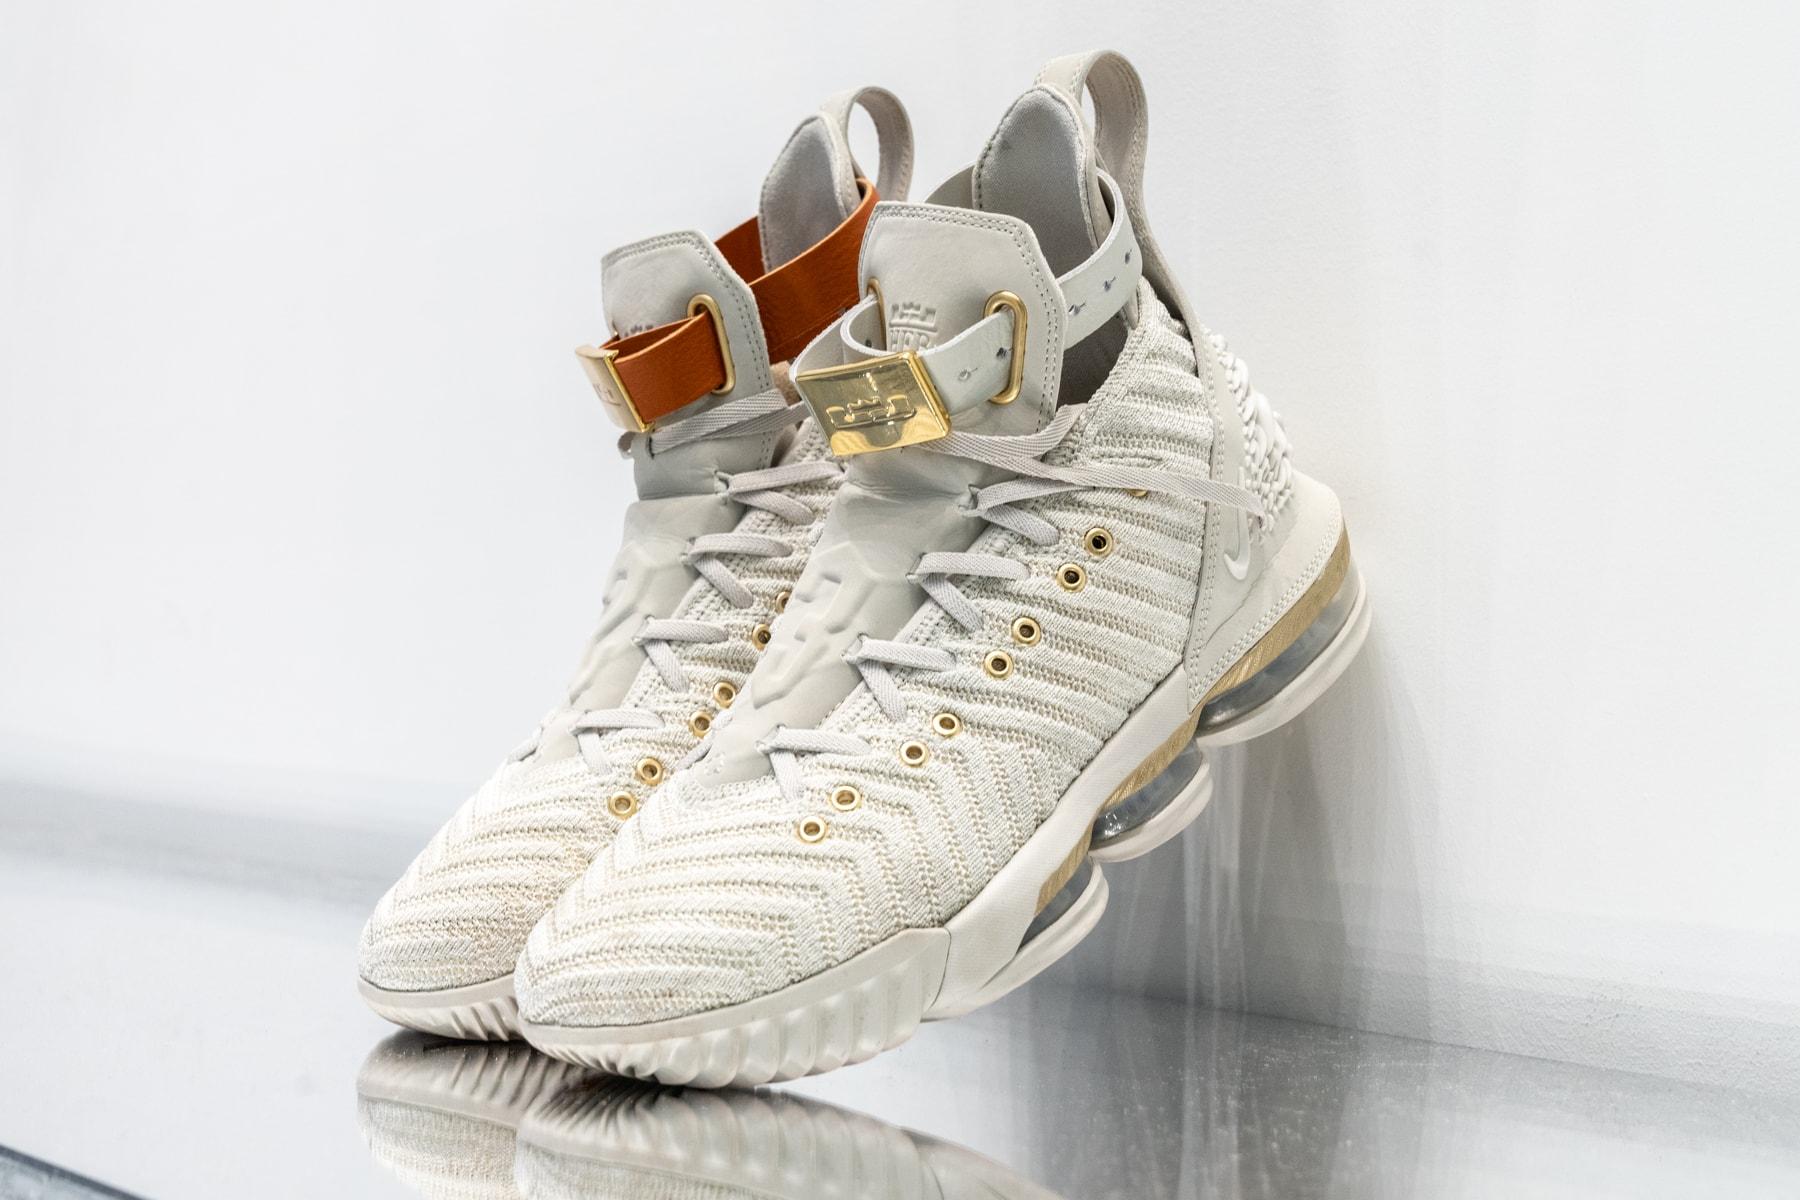 288d1e777e4 LeBron James en Nike presenteren opvallende HFR x LeBron 16 | AXED